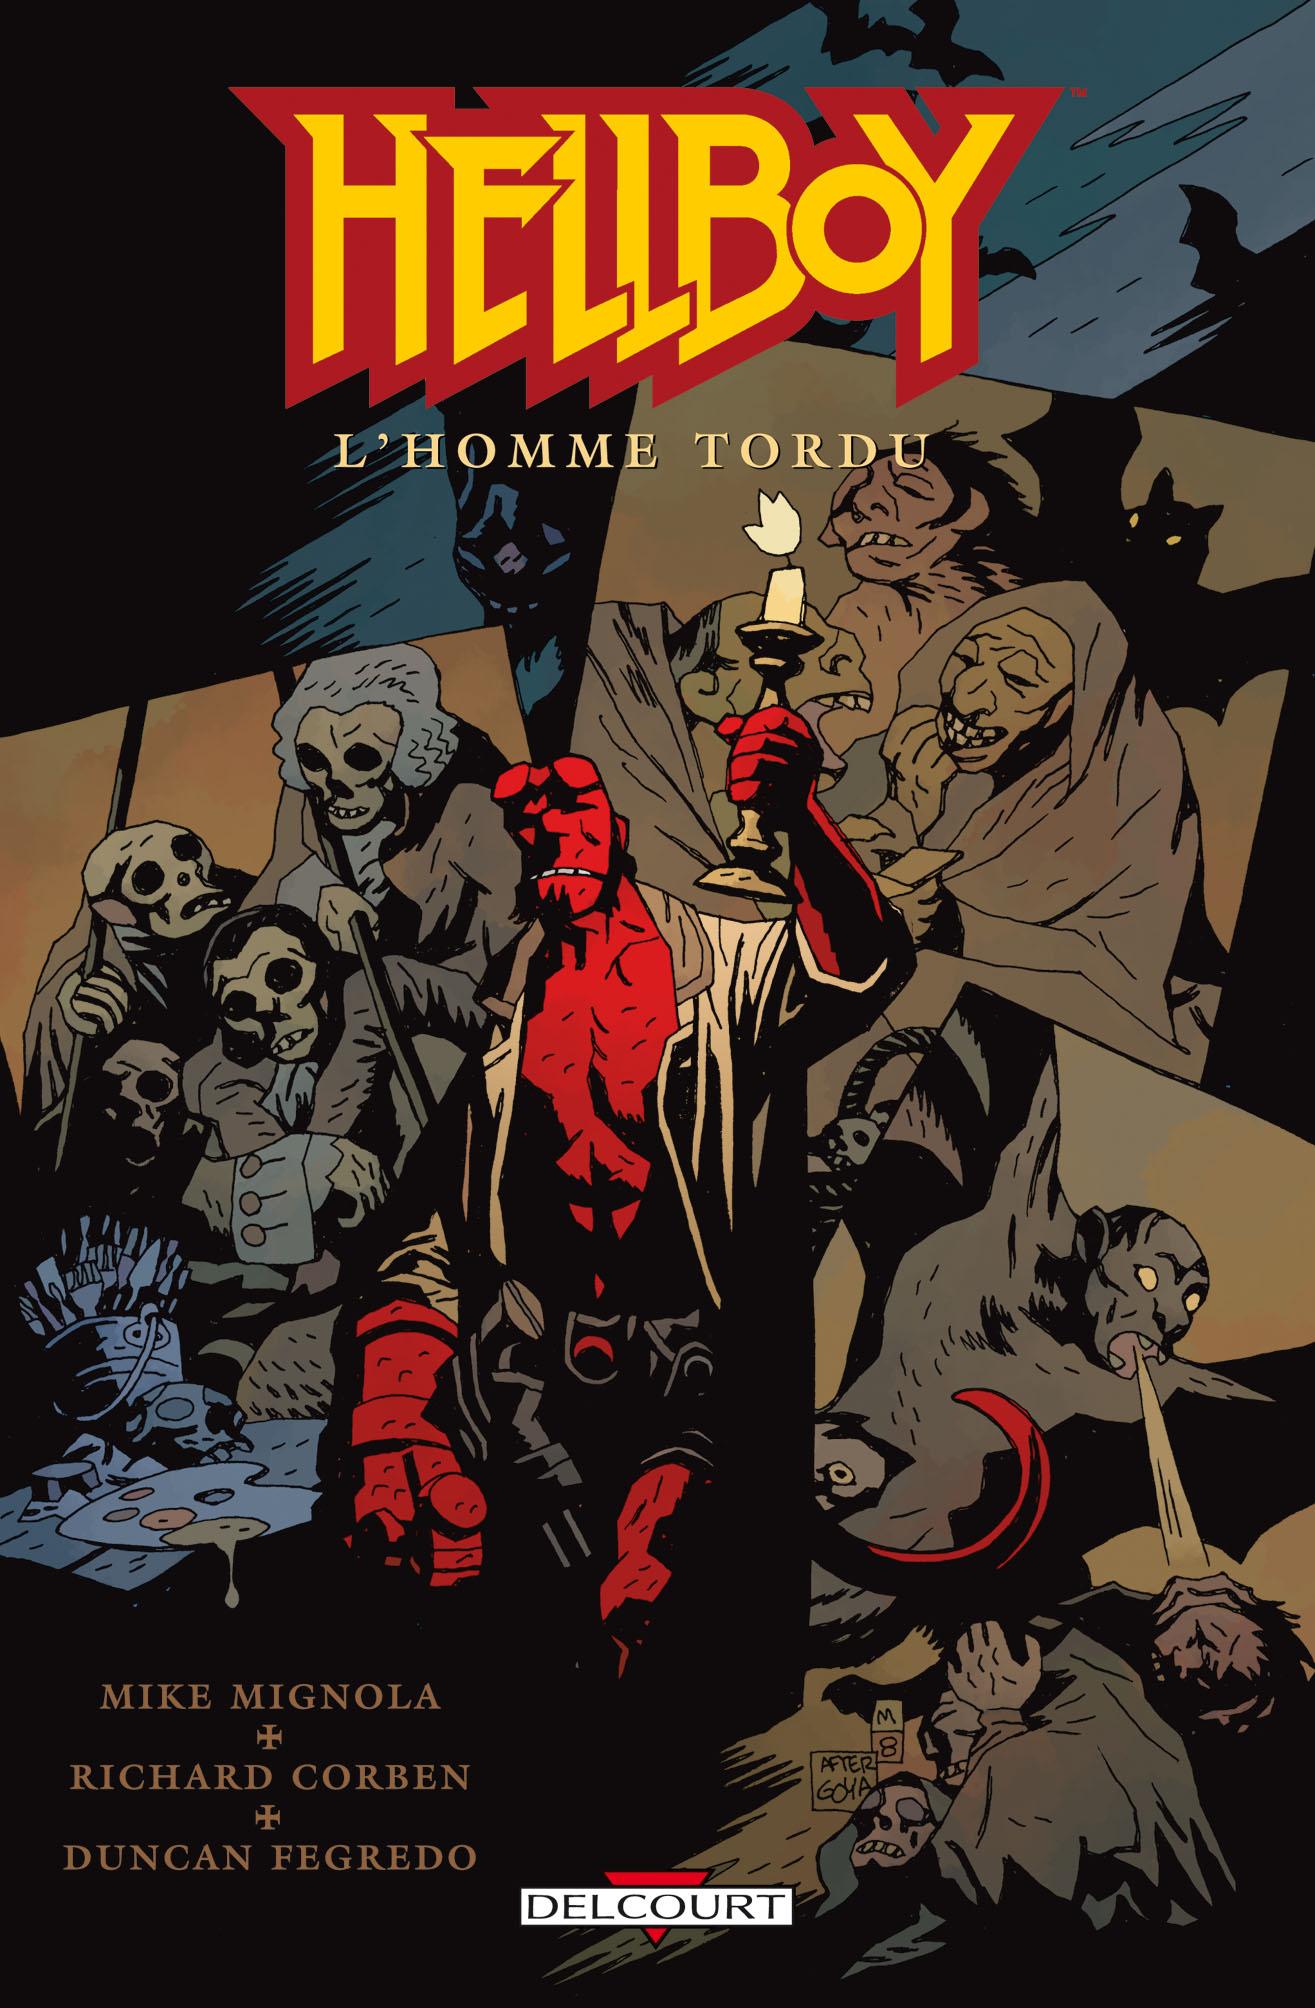 Hellboy 11 - L'homme tordu